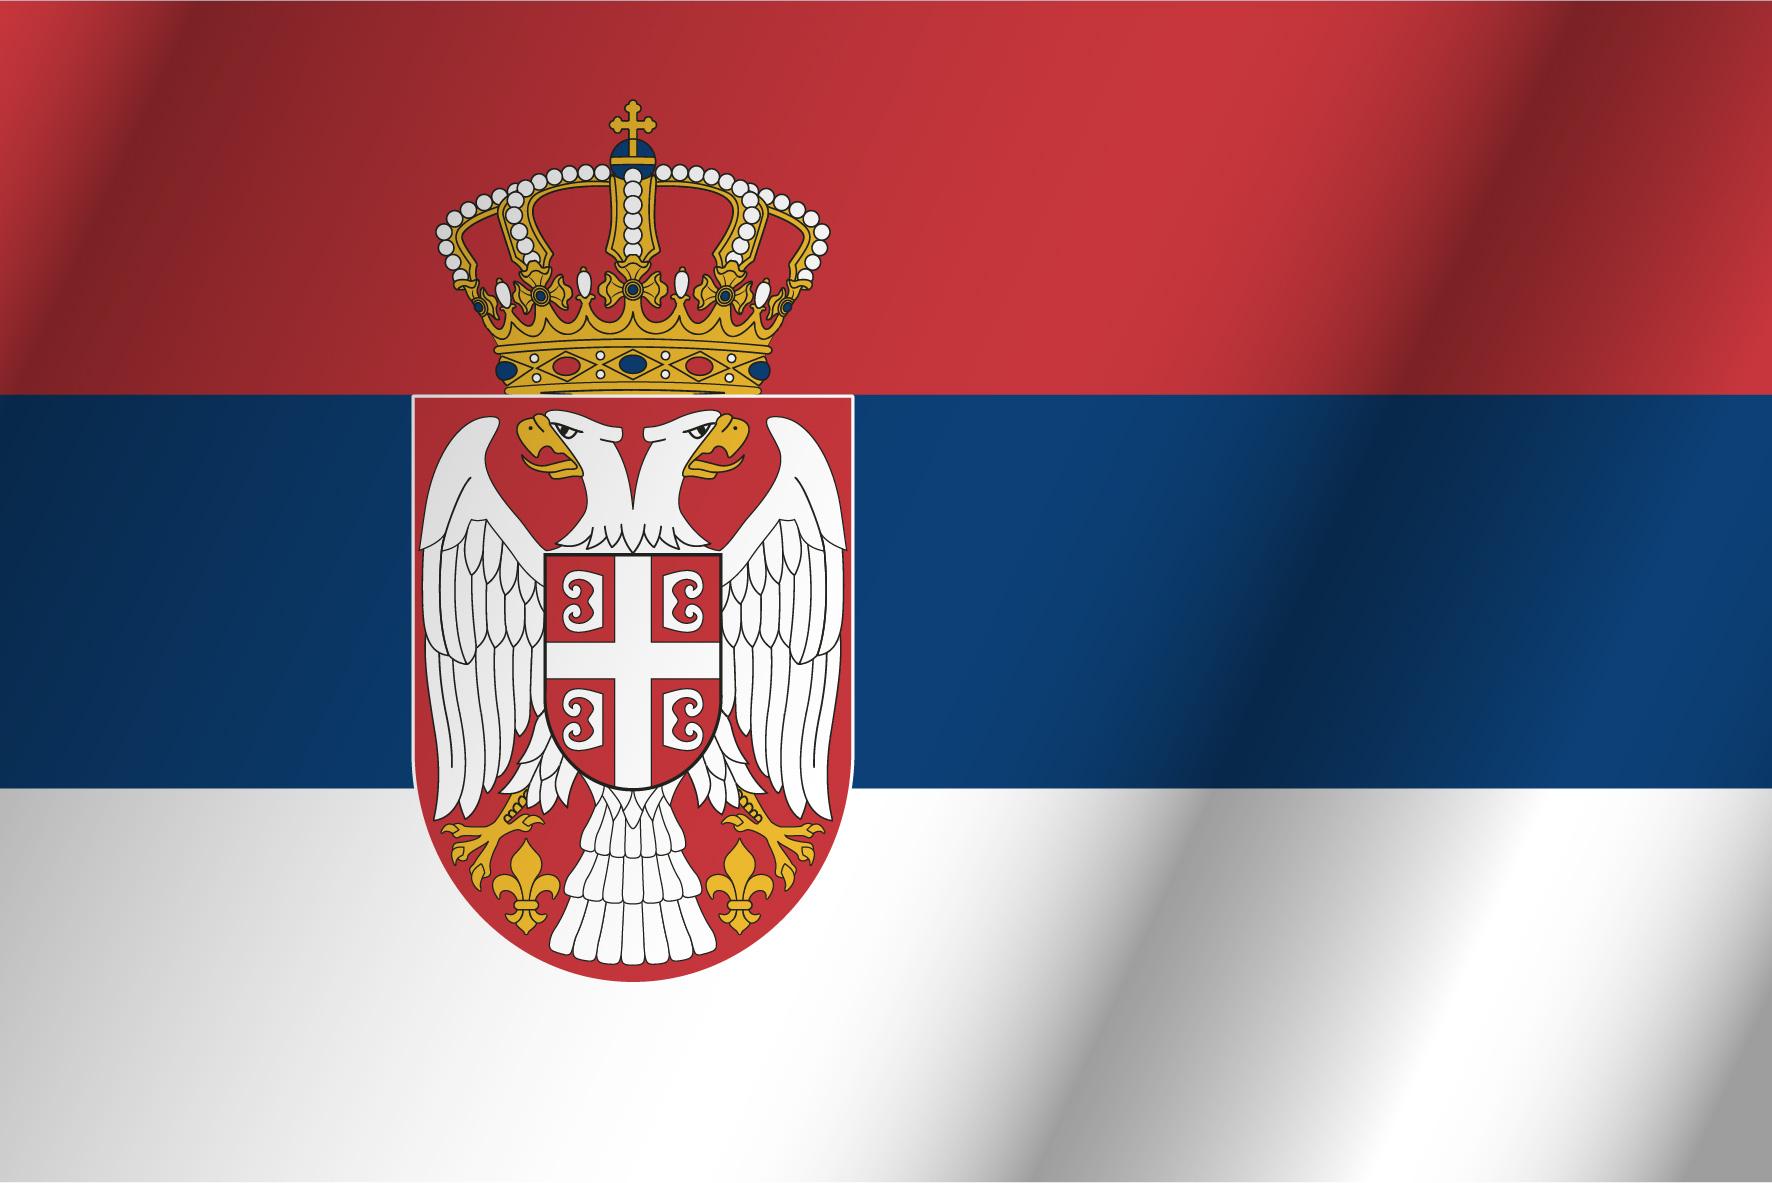 Blanco paises azul y bandera roja